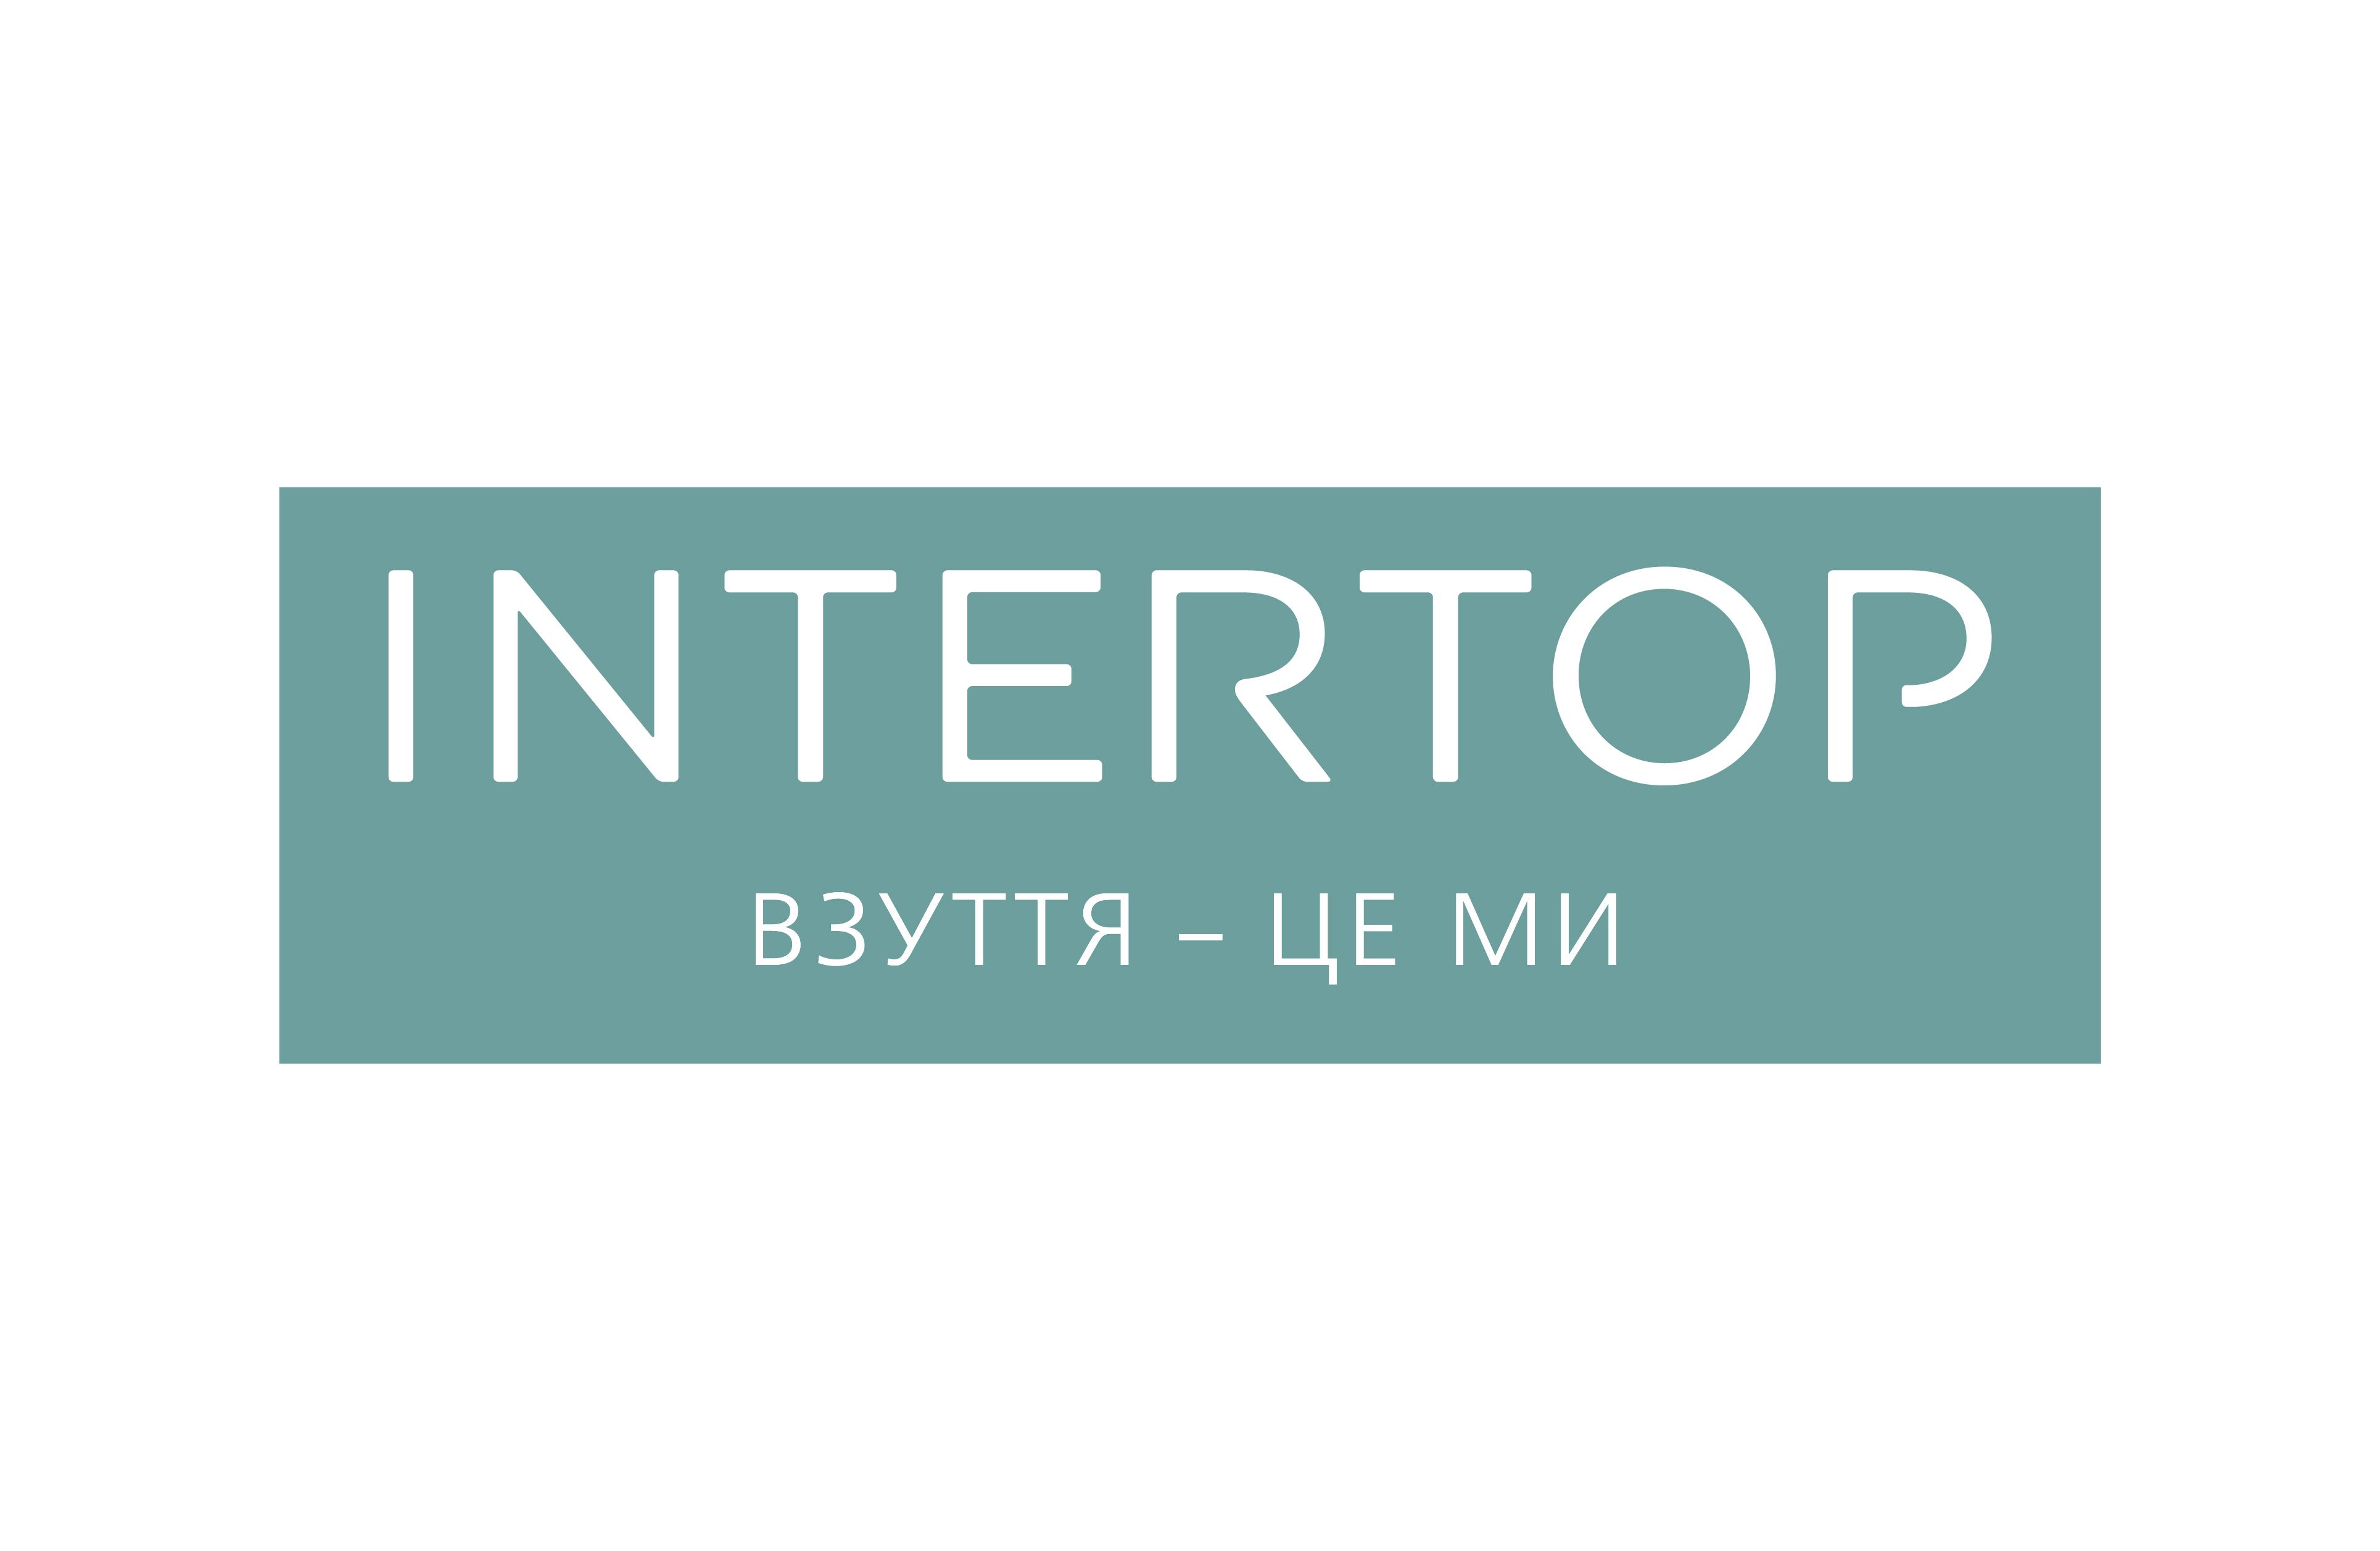 INTERTOP  797e589bed75f